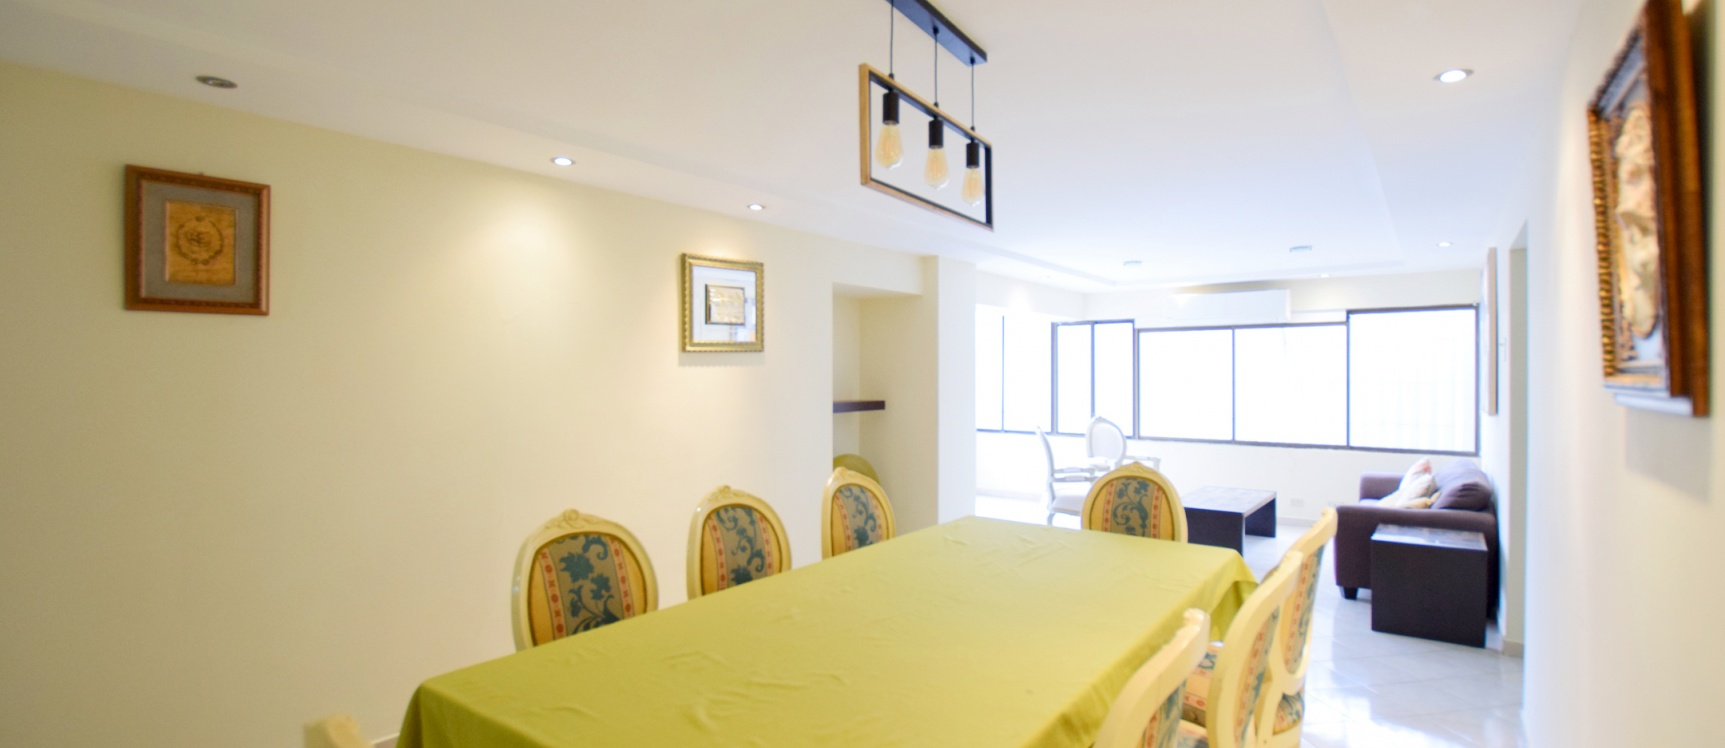 GeoBienes - Departamento amoblado en alquiler ubicado en Urdesa Norte - Plusvalia Guayaquil Casas de venta y alquiler Inmobiliaria Ecuador